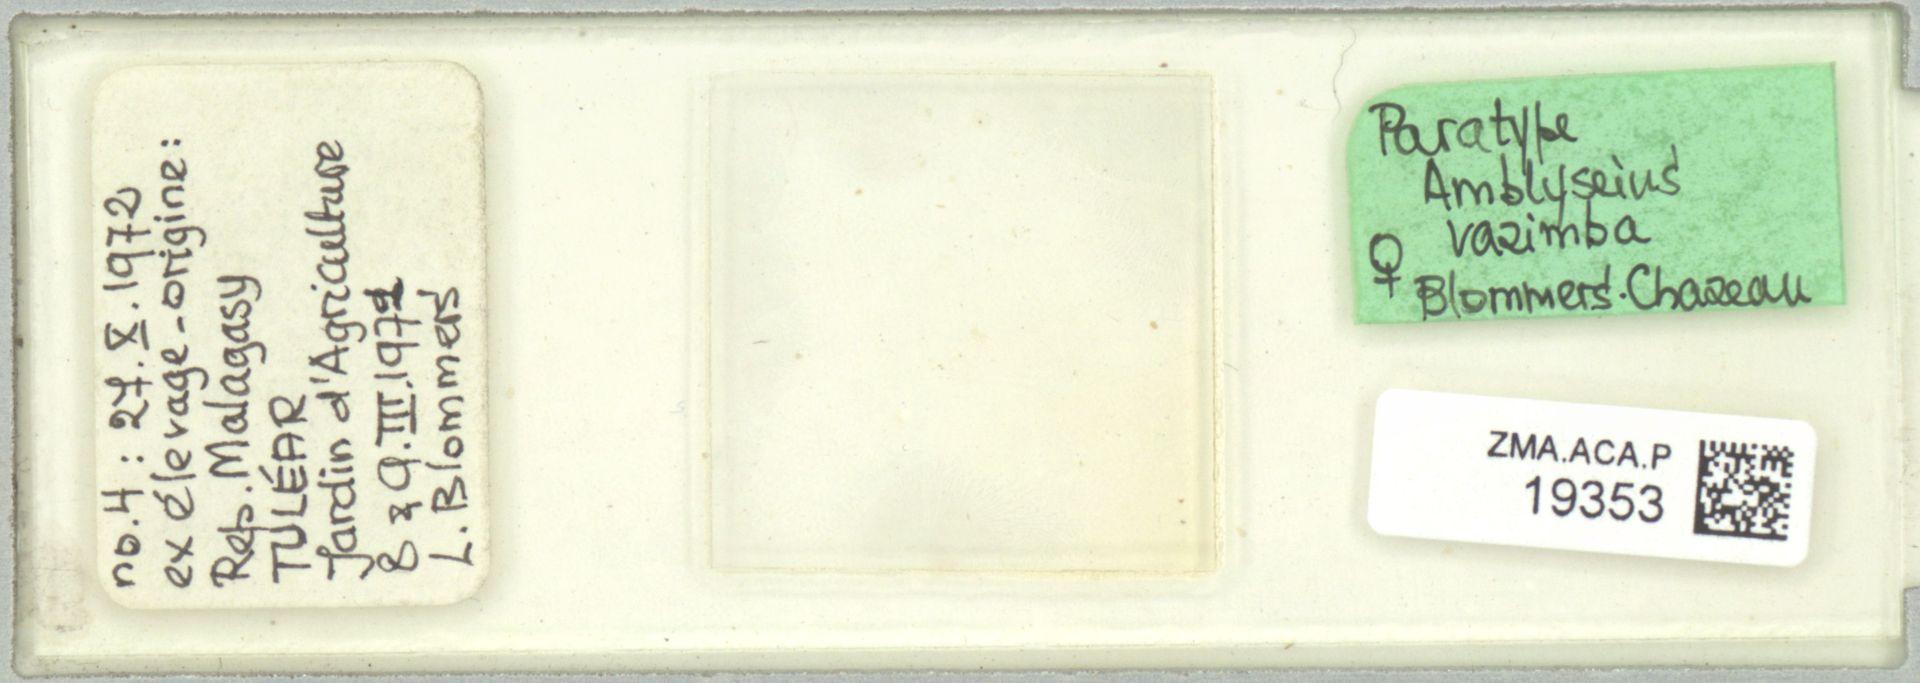 ZMA.ACA.P.19353 | Amblyseius razimba Blommers & Chazeau